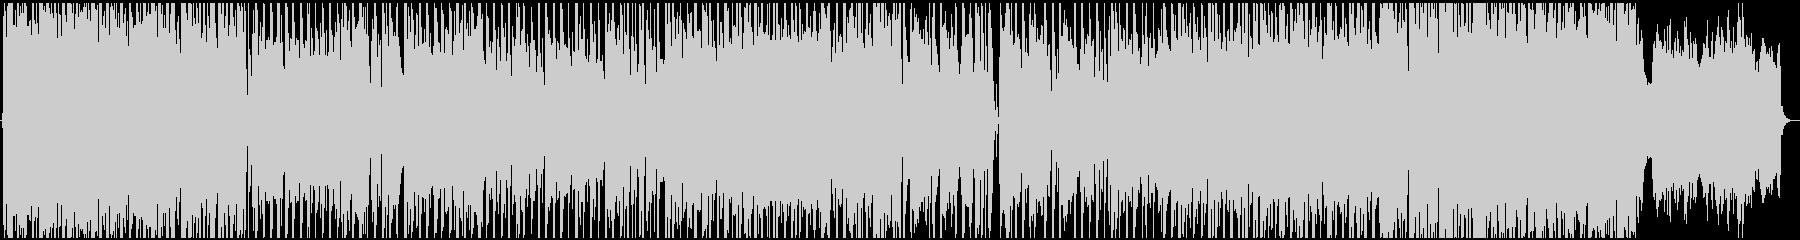 Pop BGM that feels awkward's unreproduced waveform